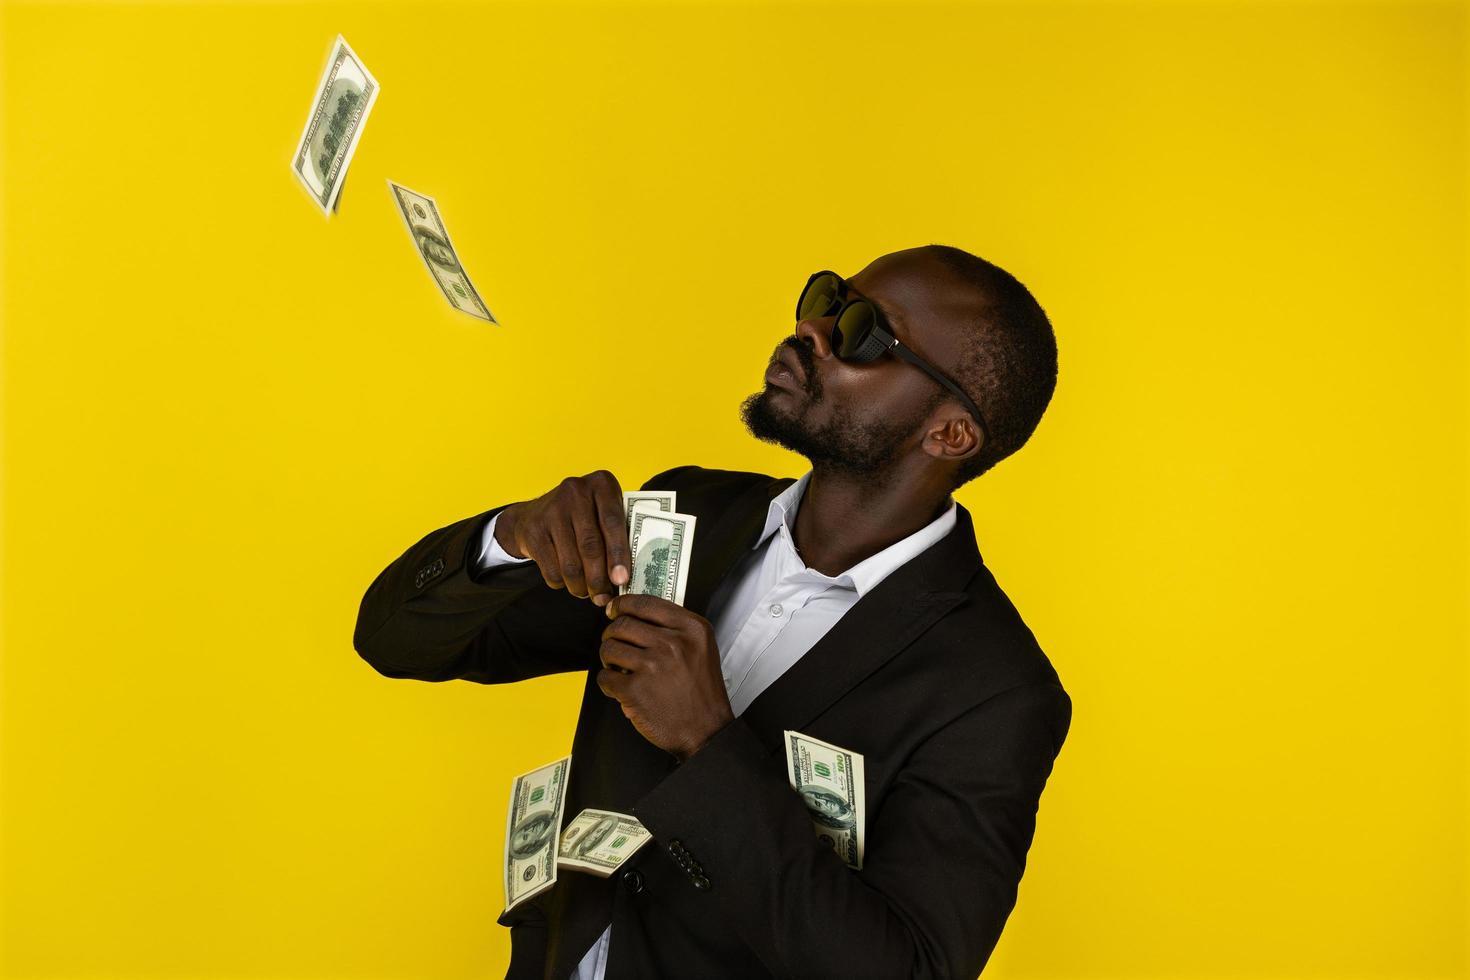 un negro genial arroja dólares foto